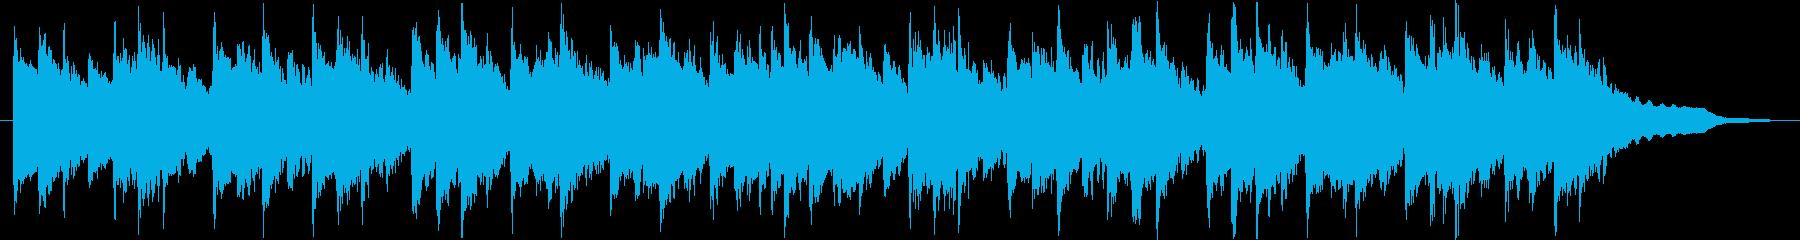 温かい雰囲気のBGM(30ver)の再生済みの波形